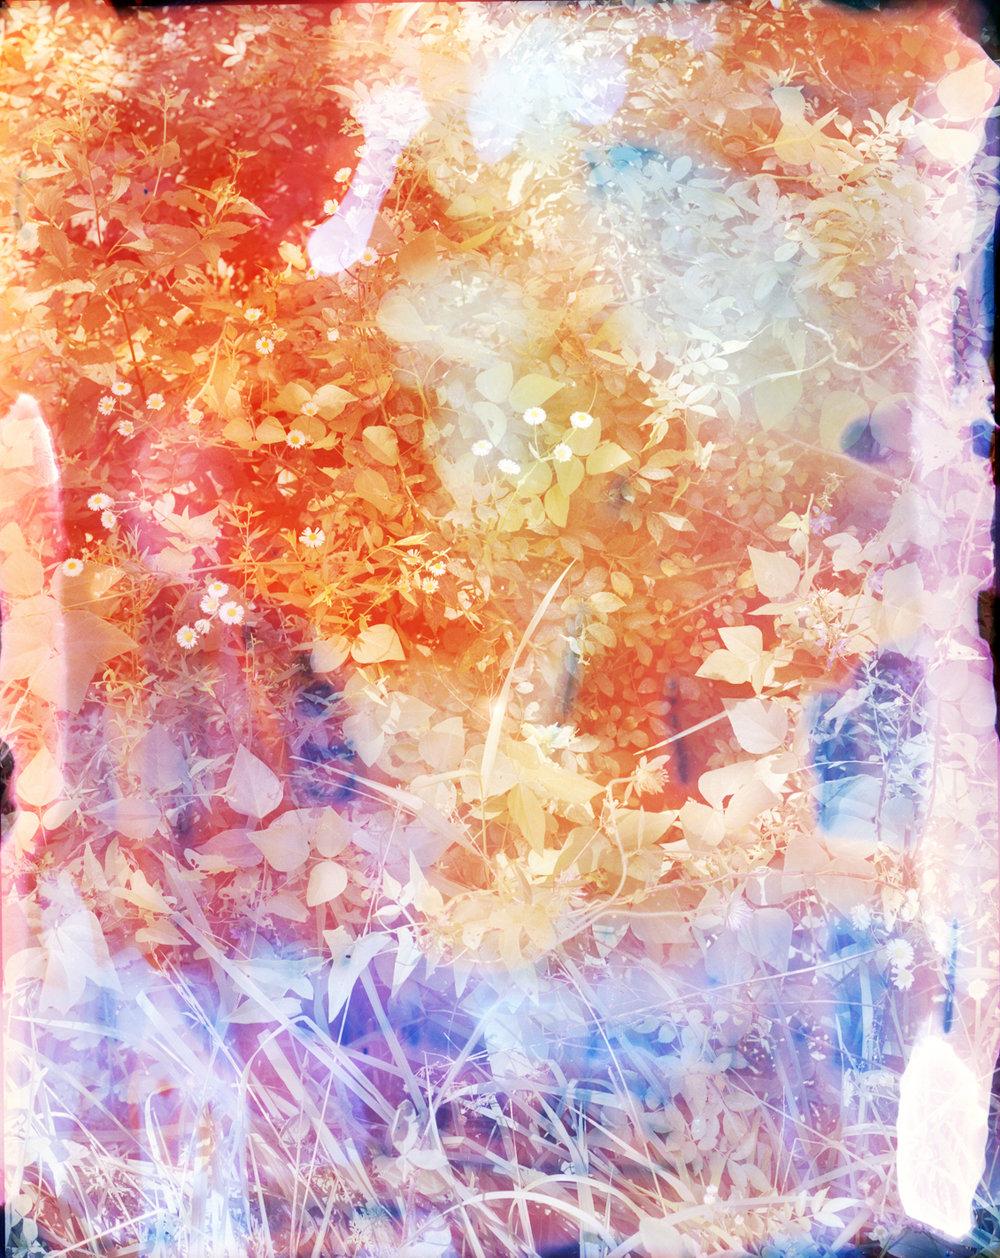 weeds milan440 version2web.jpg